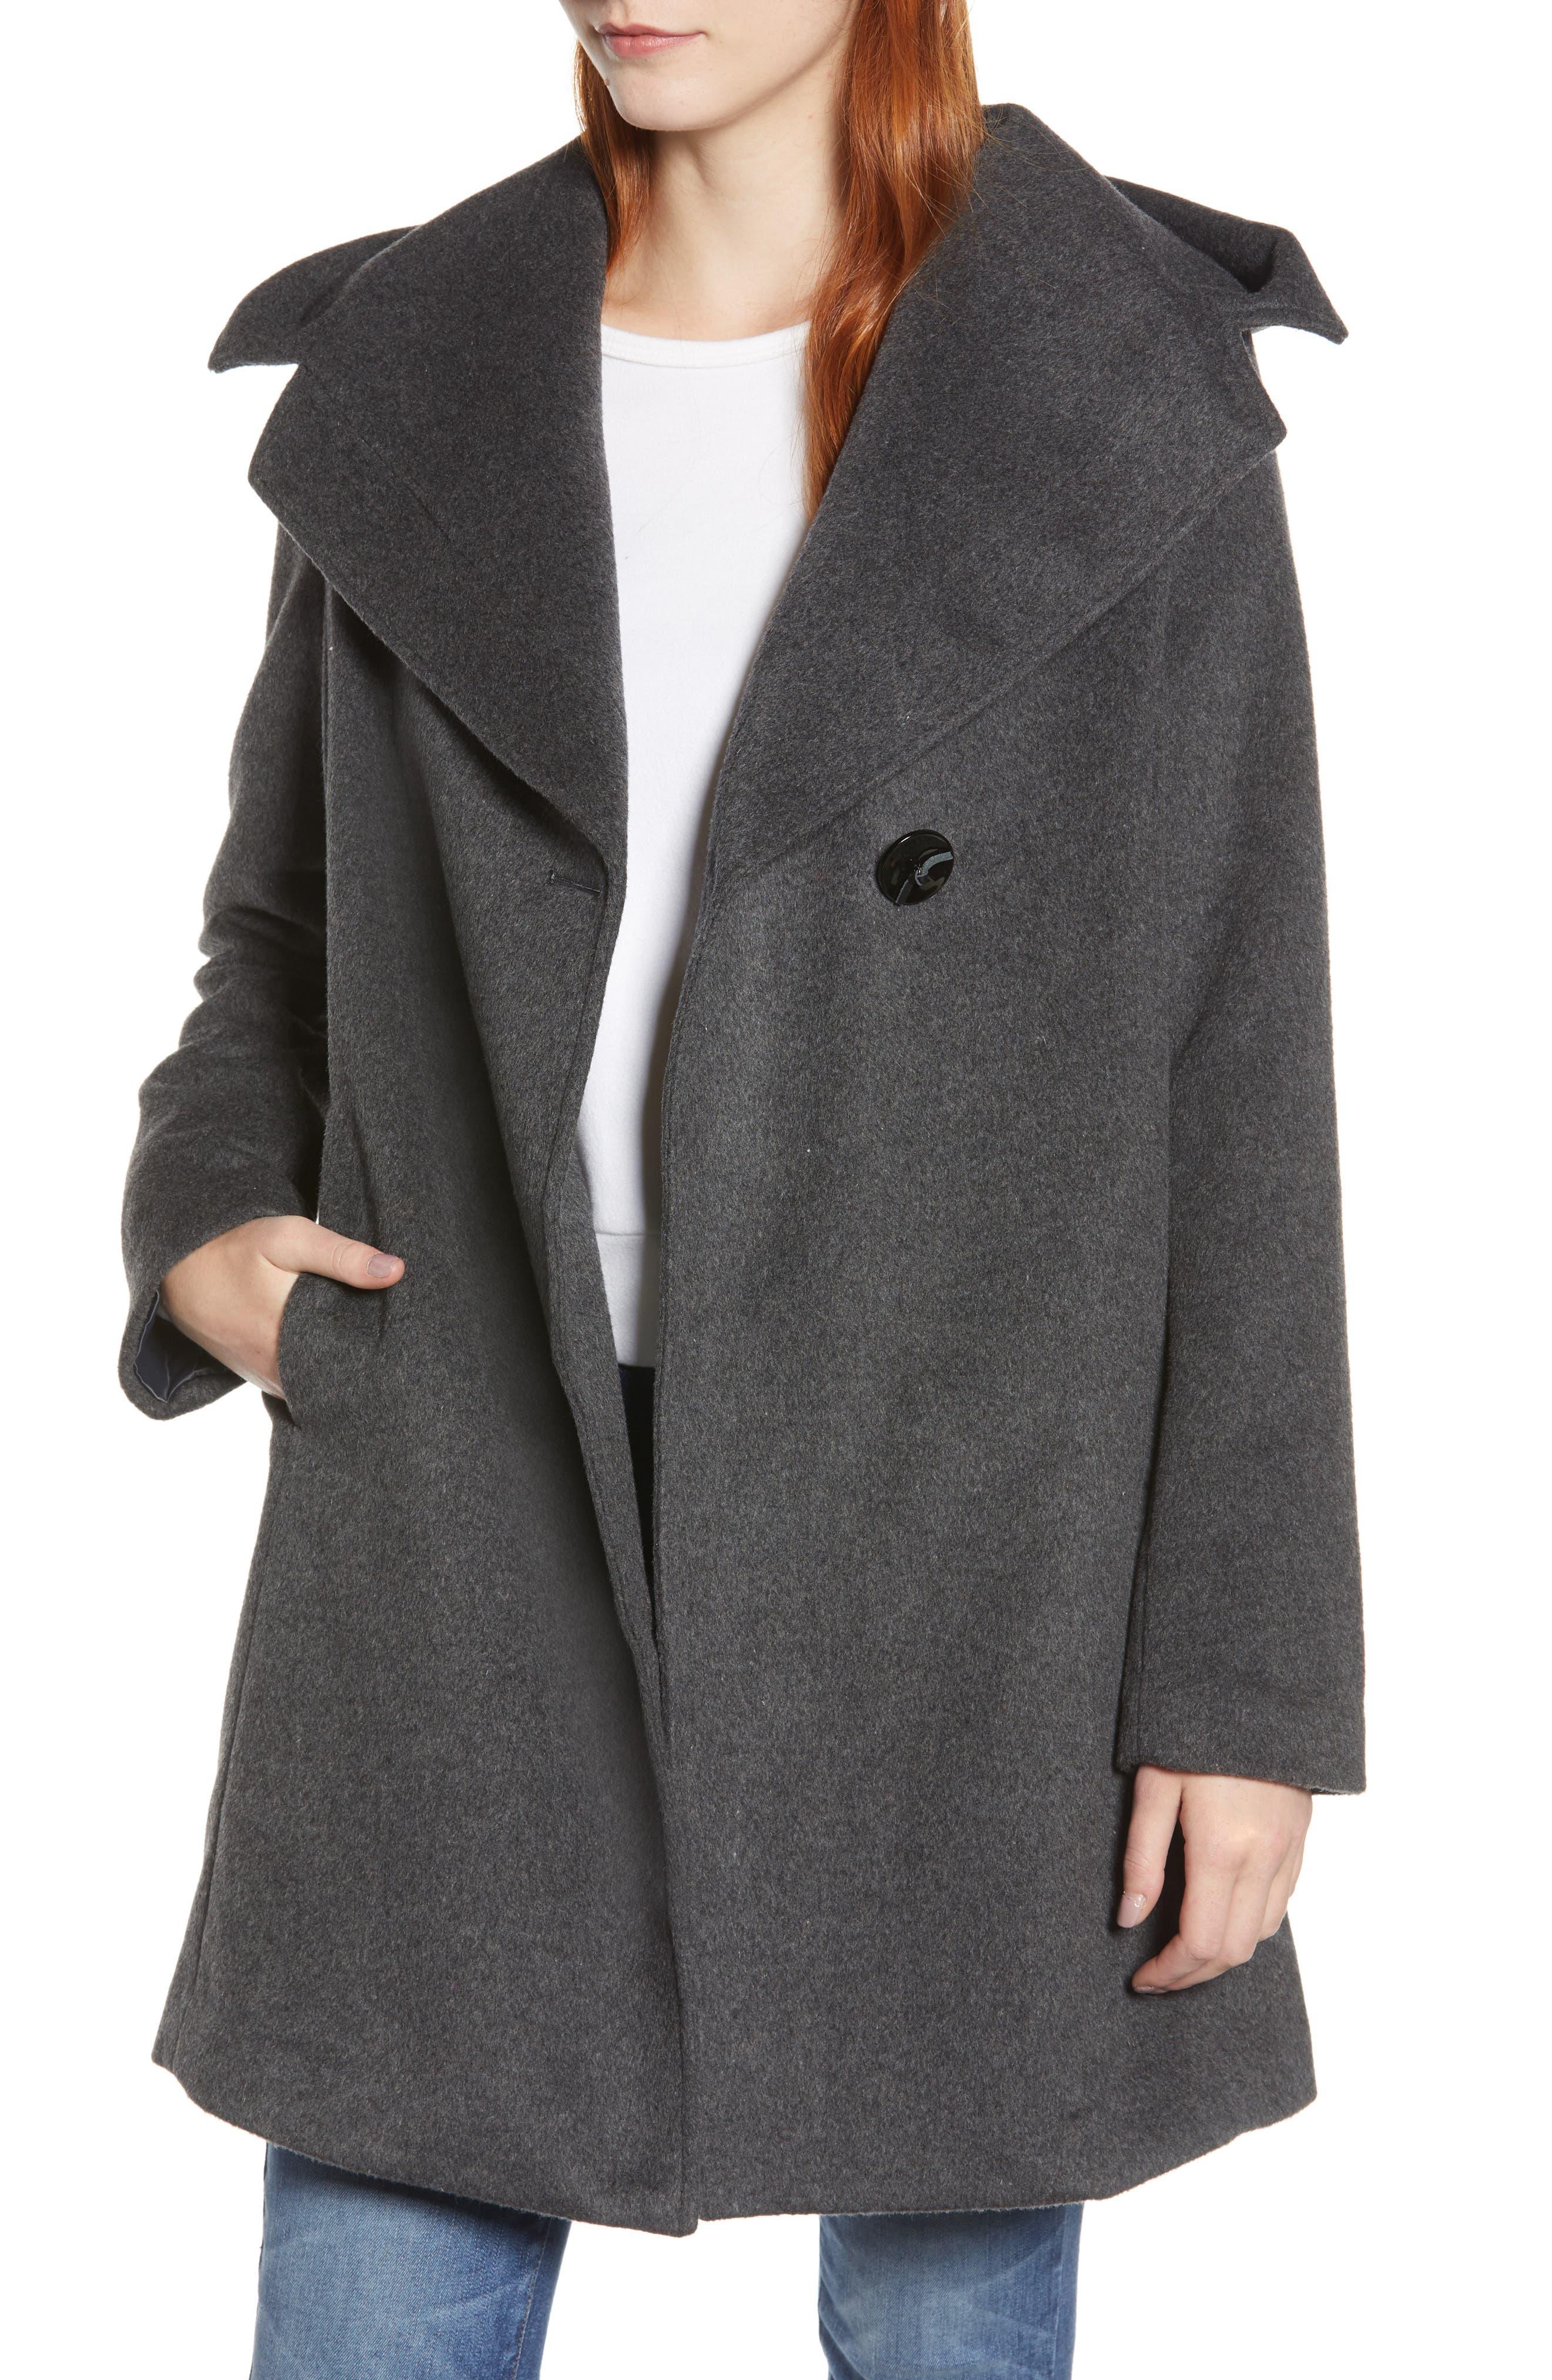 Shawl Collar Hooded Coat,                             Main thumbnail 1, color,                             CHARCOAL